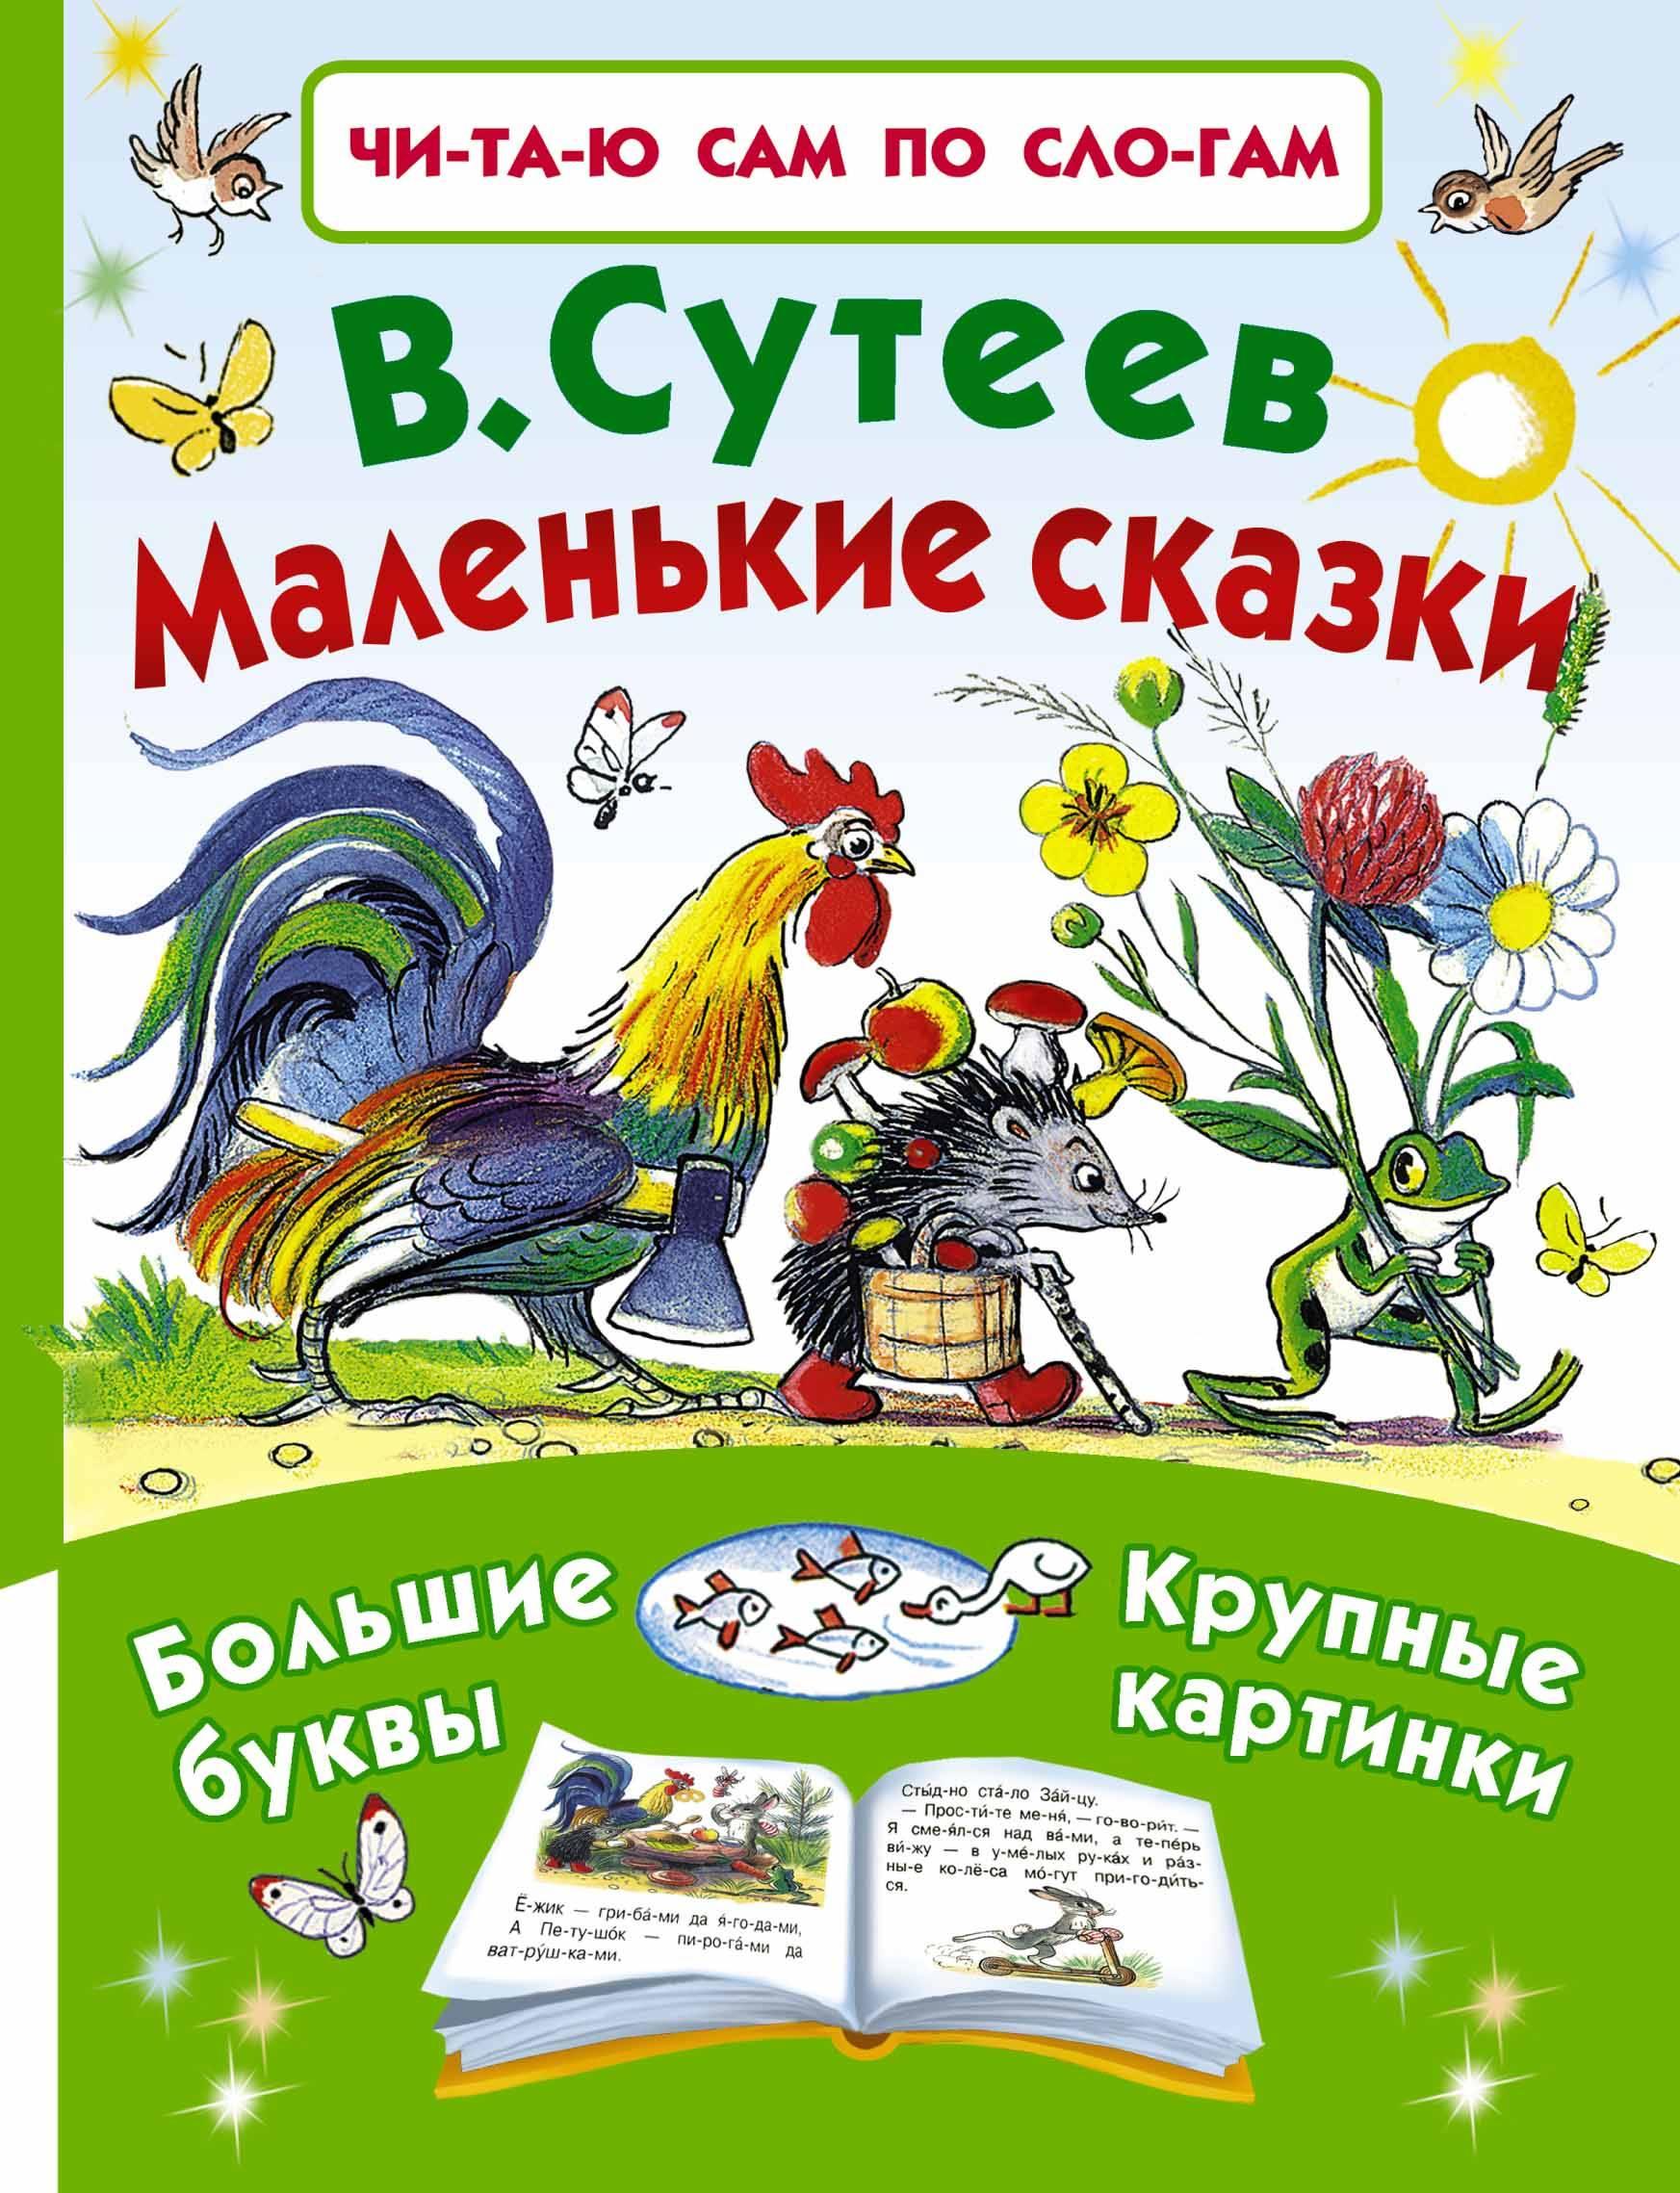 Сутеев В.Г. Маленькие сказки